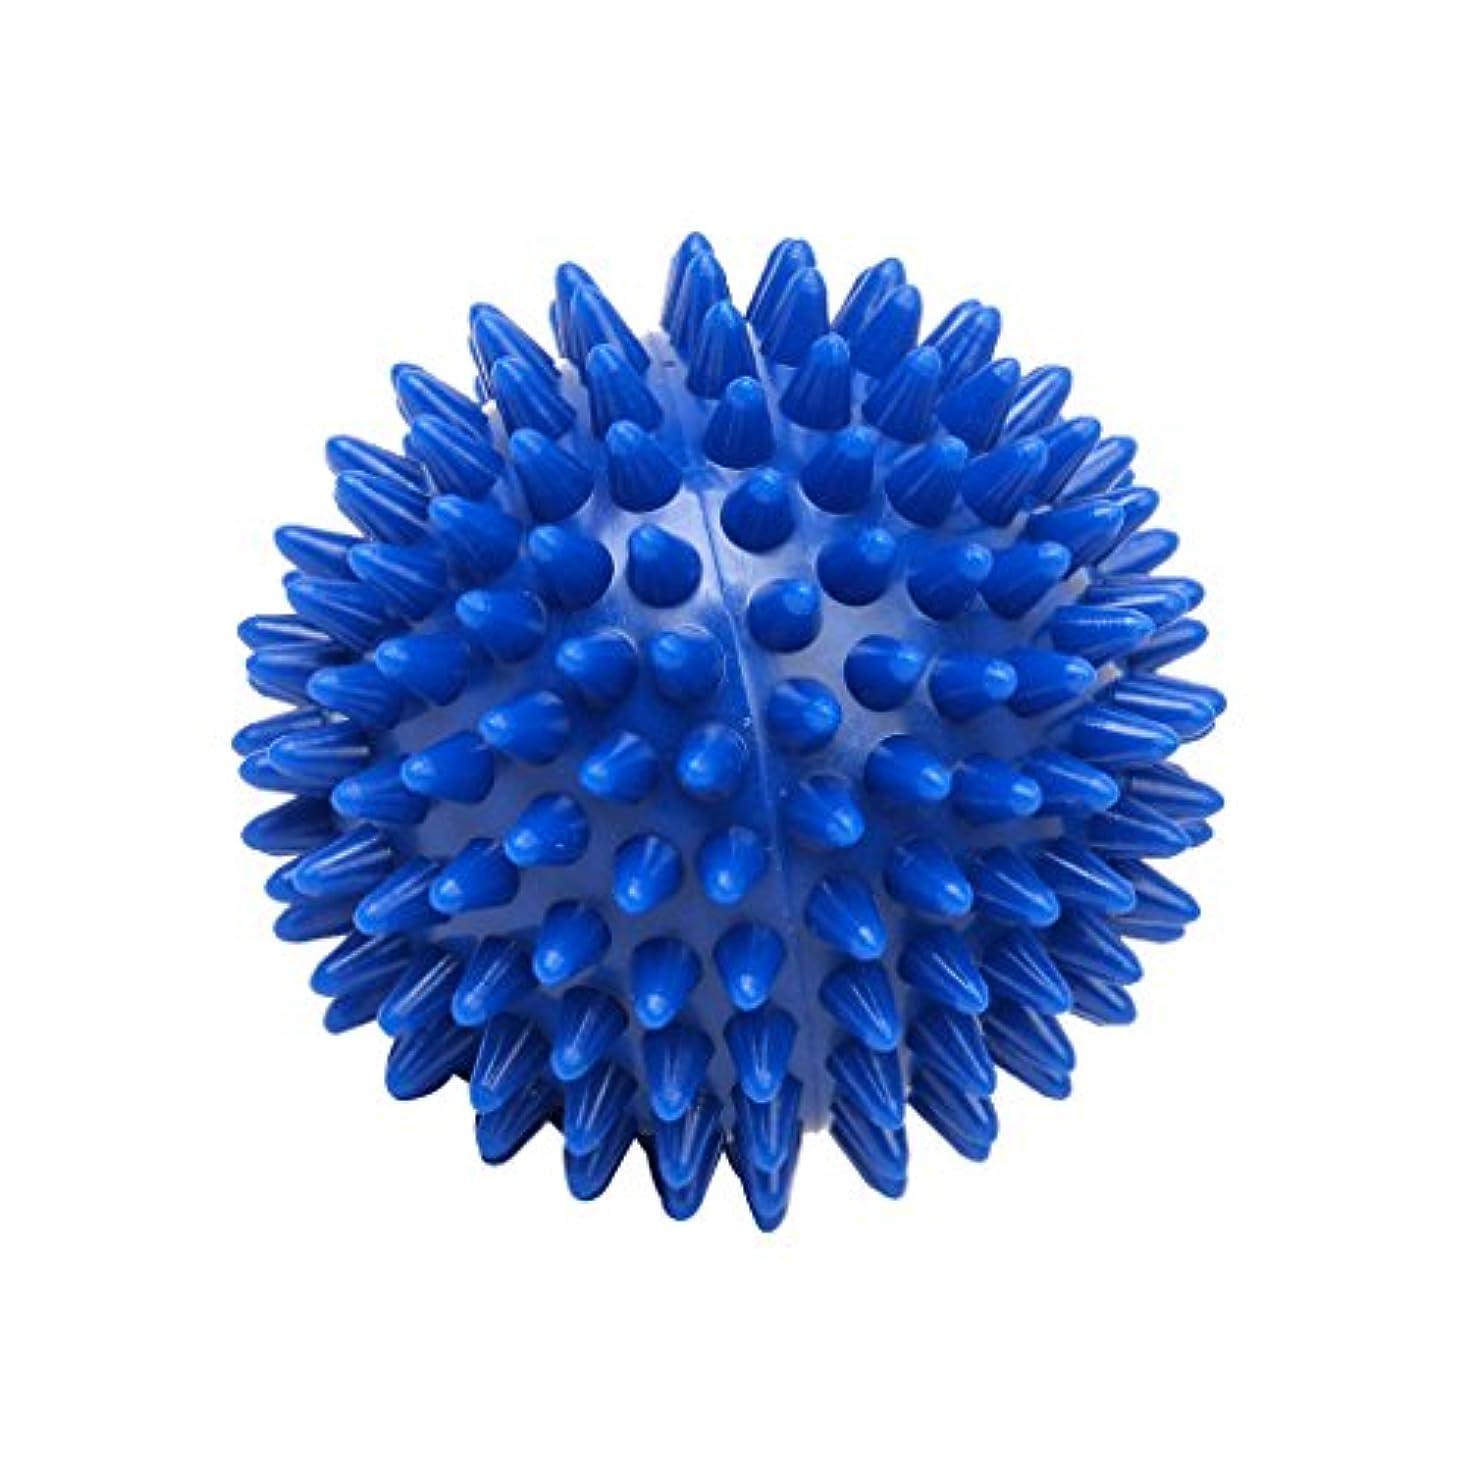 リッチあえぎドルFootful マッサージボール 健康グッズ 健康器具 血液循環促進 緊張緩和 7cm ブルー